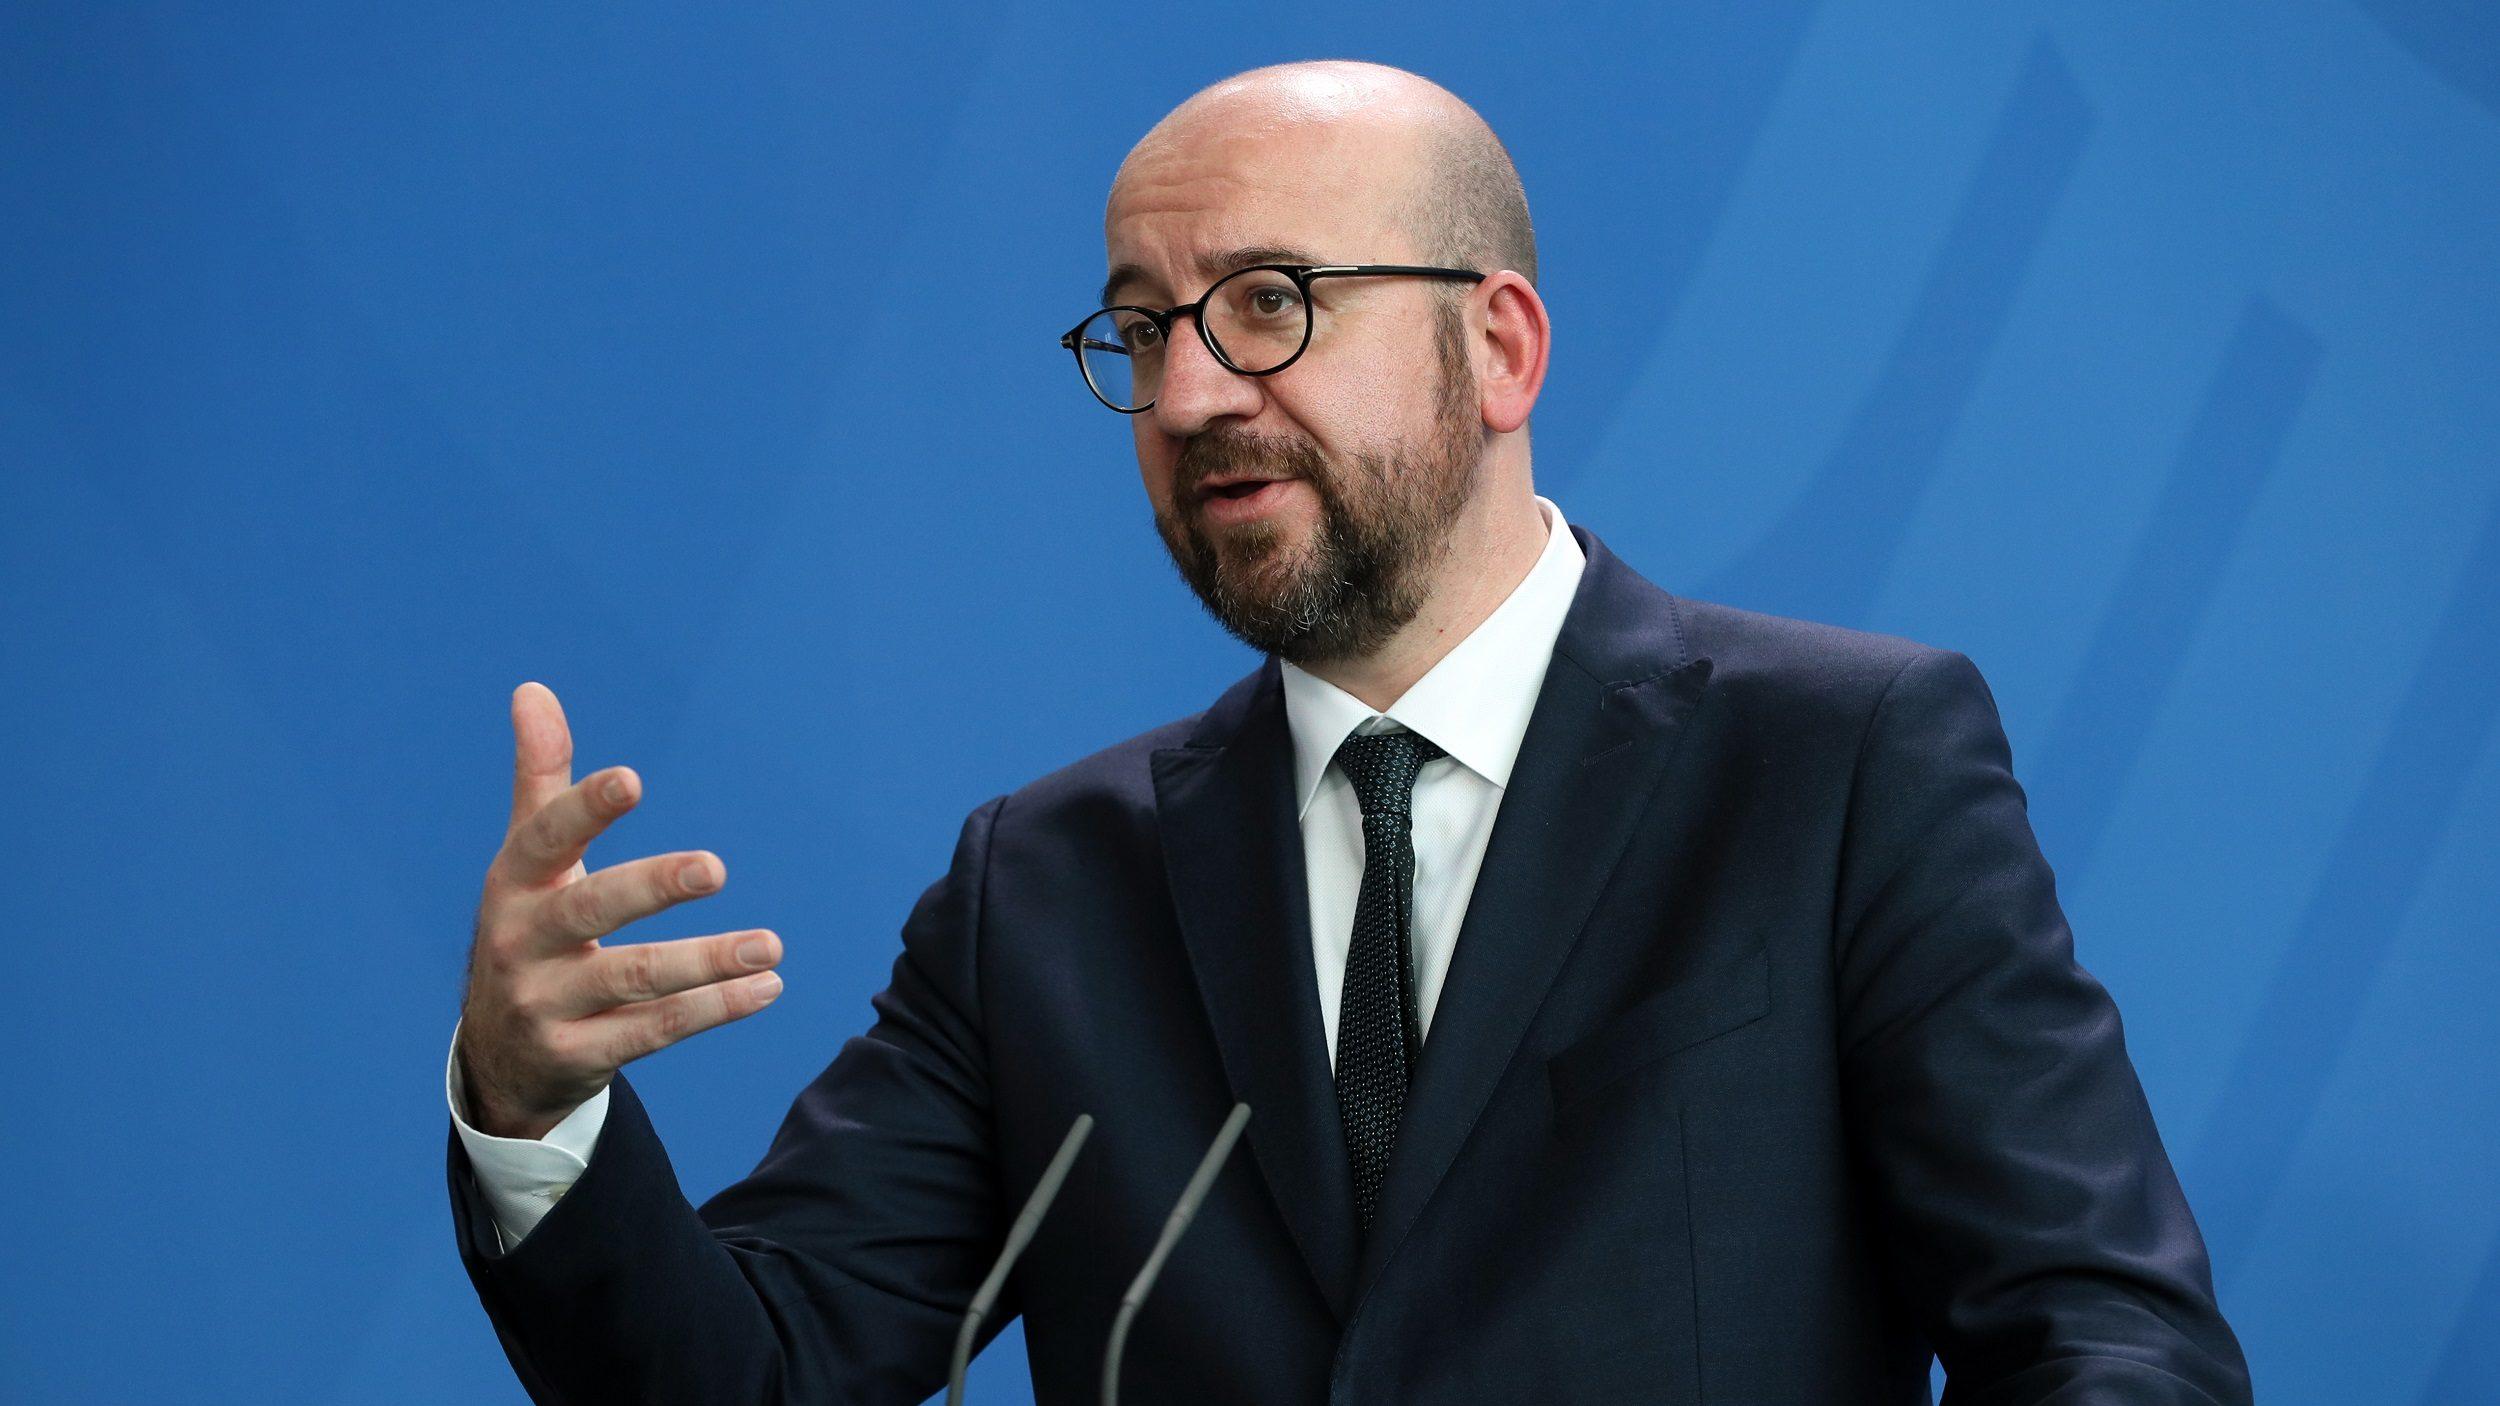 """""""Infelizmente"""" não houve acordo sobre orçamento da UE. """"Precisamos de mais tempo"""" diz presidente do Conselho Europeu"""